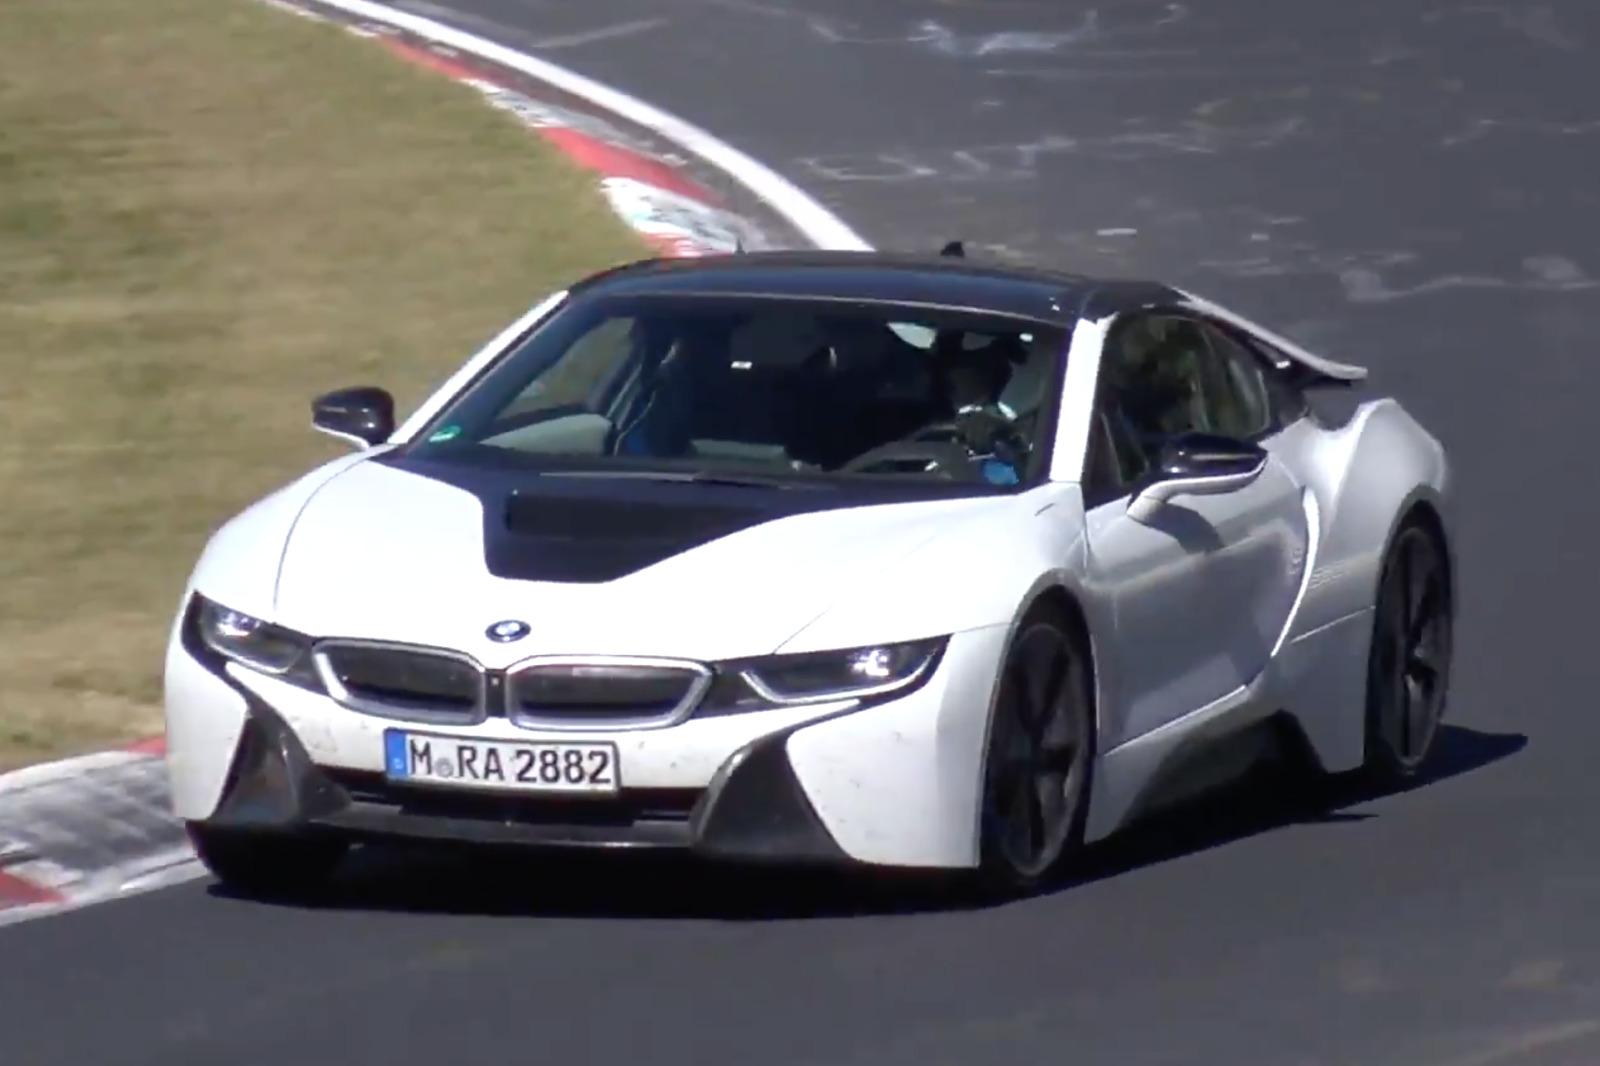 BMW i8 Roadster 2018: Erlkönig-Video zeigt Hybrid-Spyder